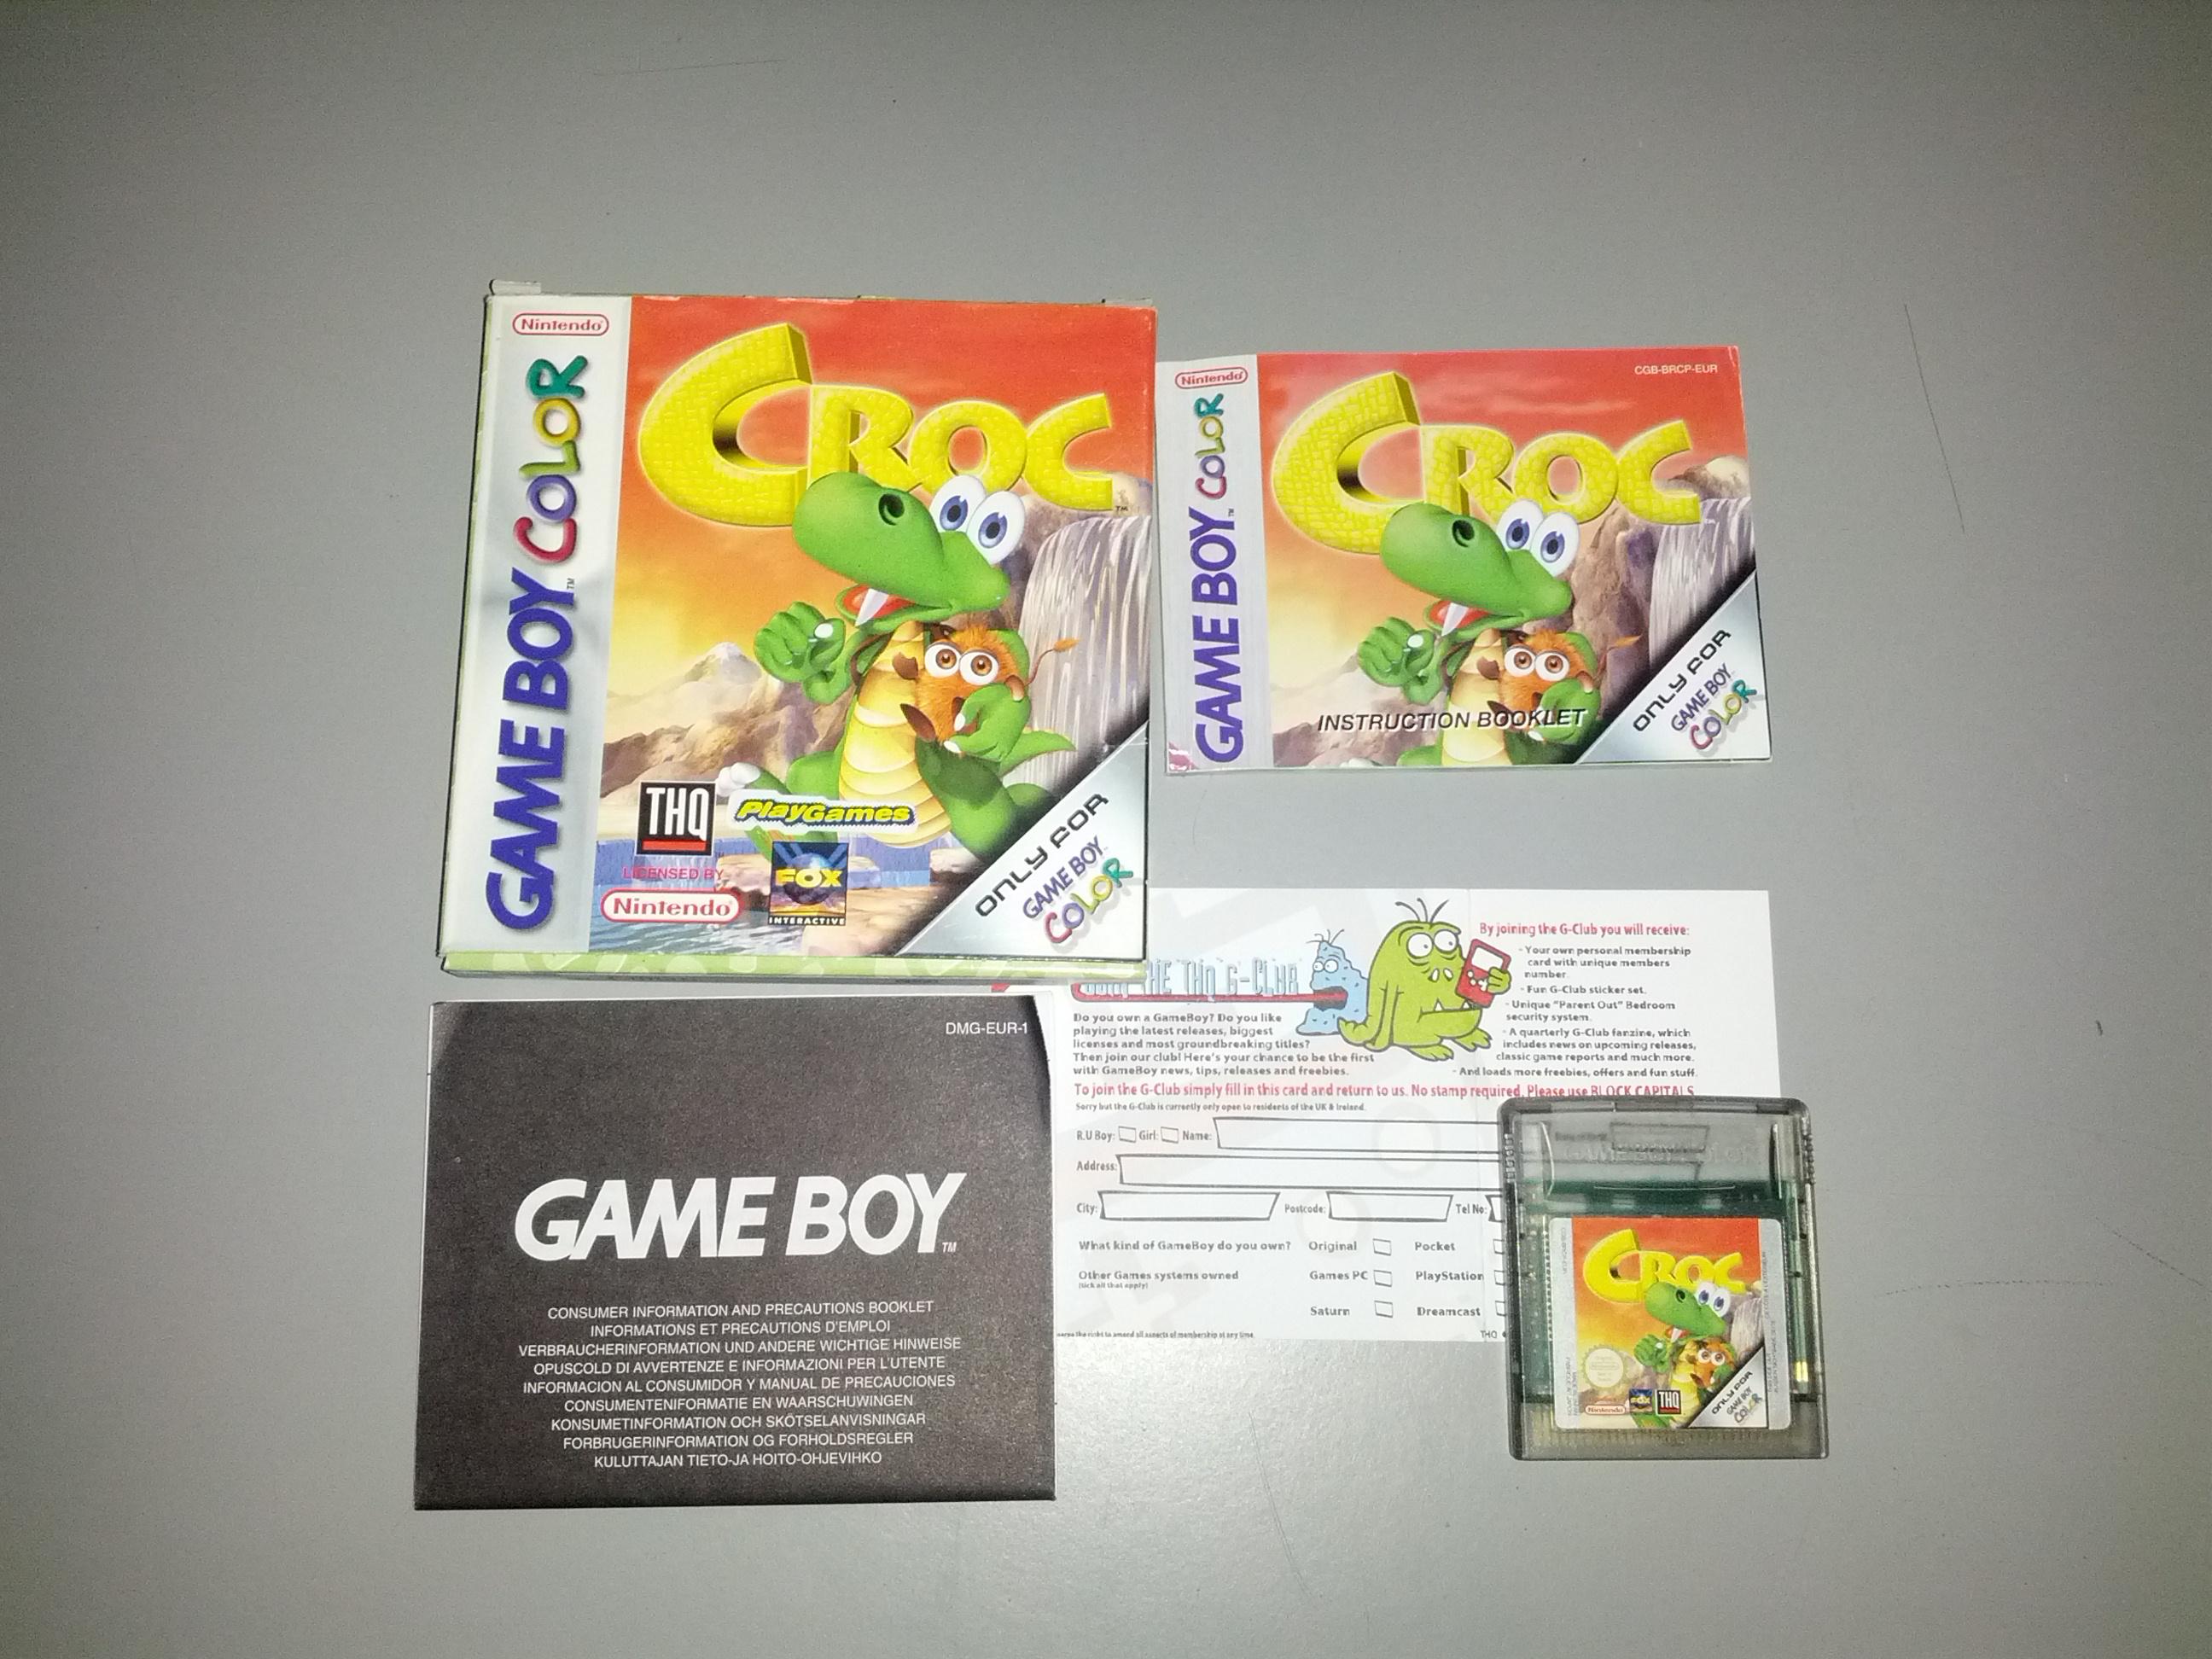 Game boy color quanto custa - Croc Nintendo Gameboy Color